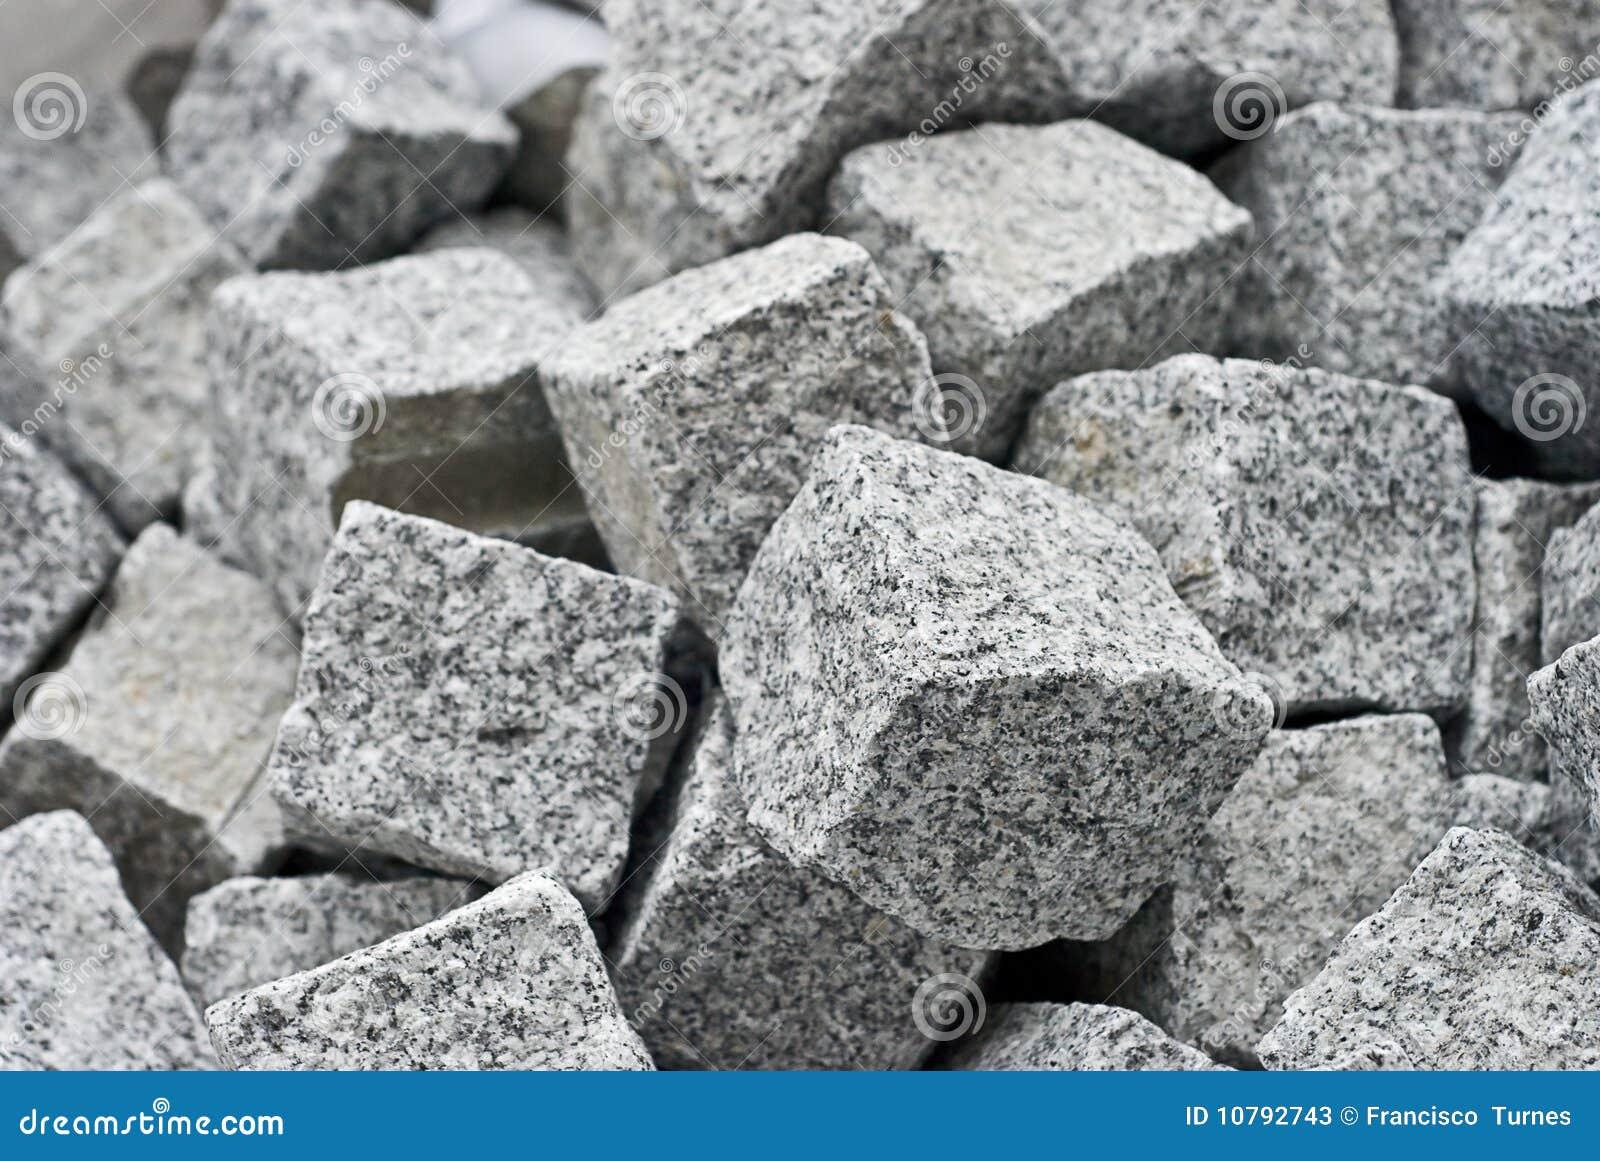 Blocos do cubo do granito fotos de stock imagem 10792743 - Fotos de granito ...